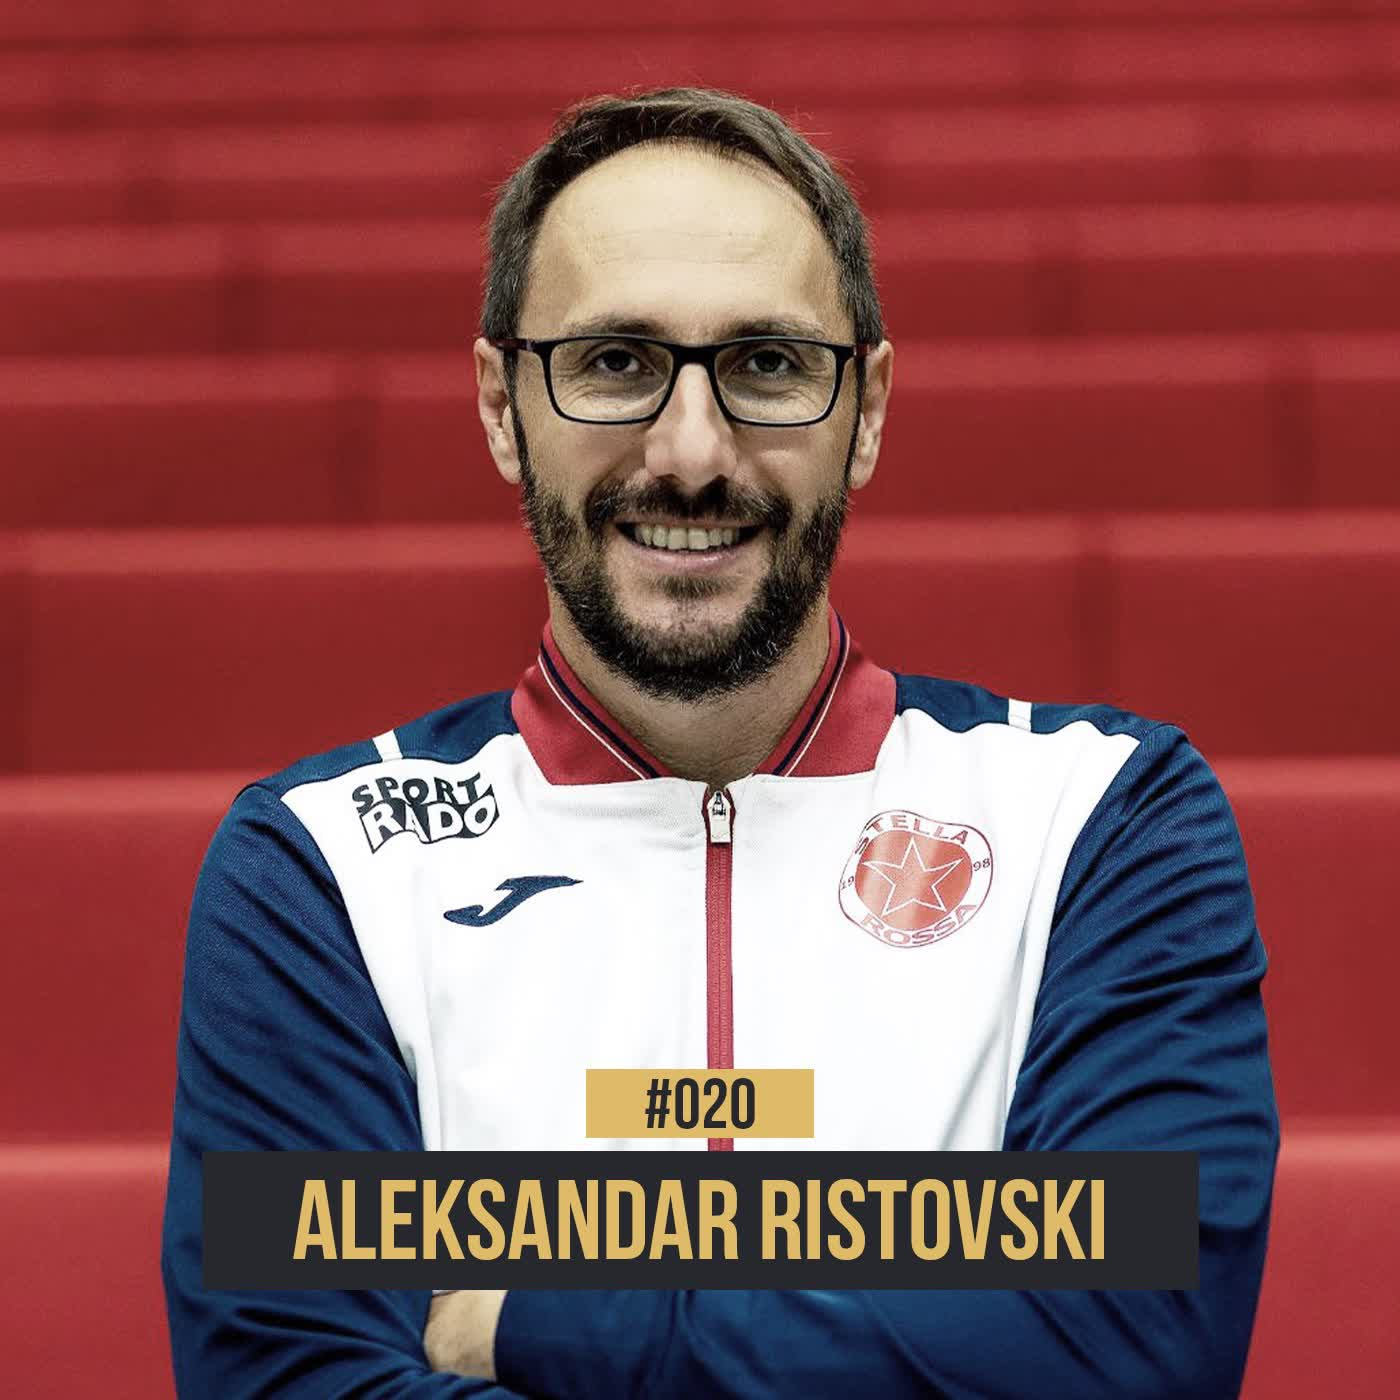 #020 Aleksandar Ristovski: Österreichs Futsal-Pionier